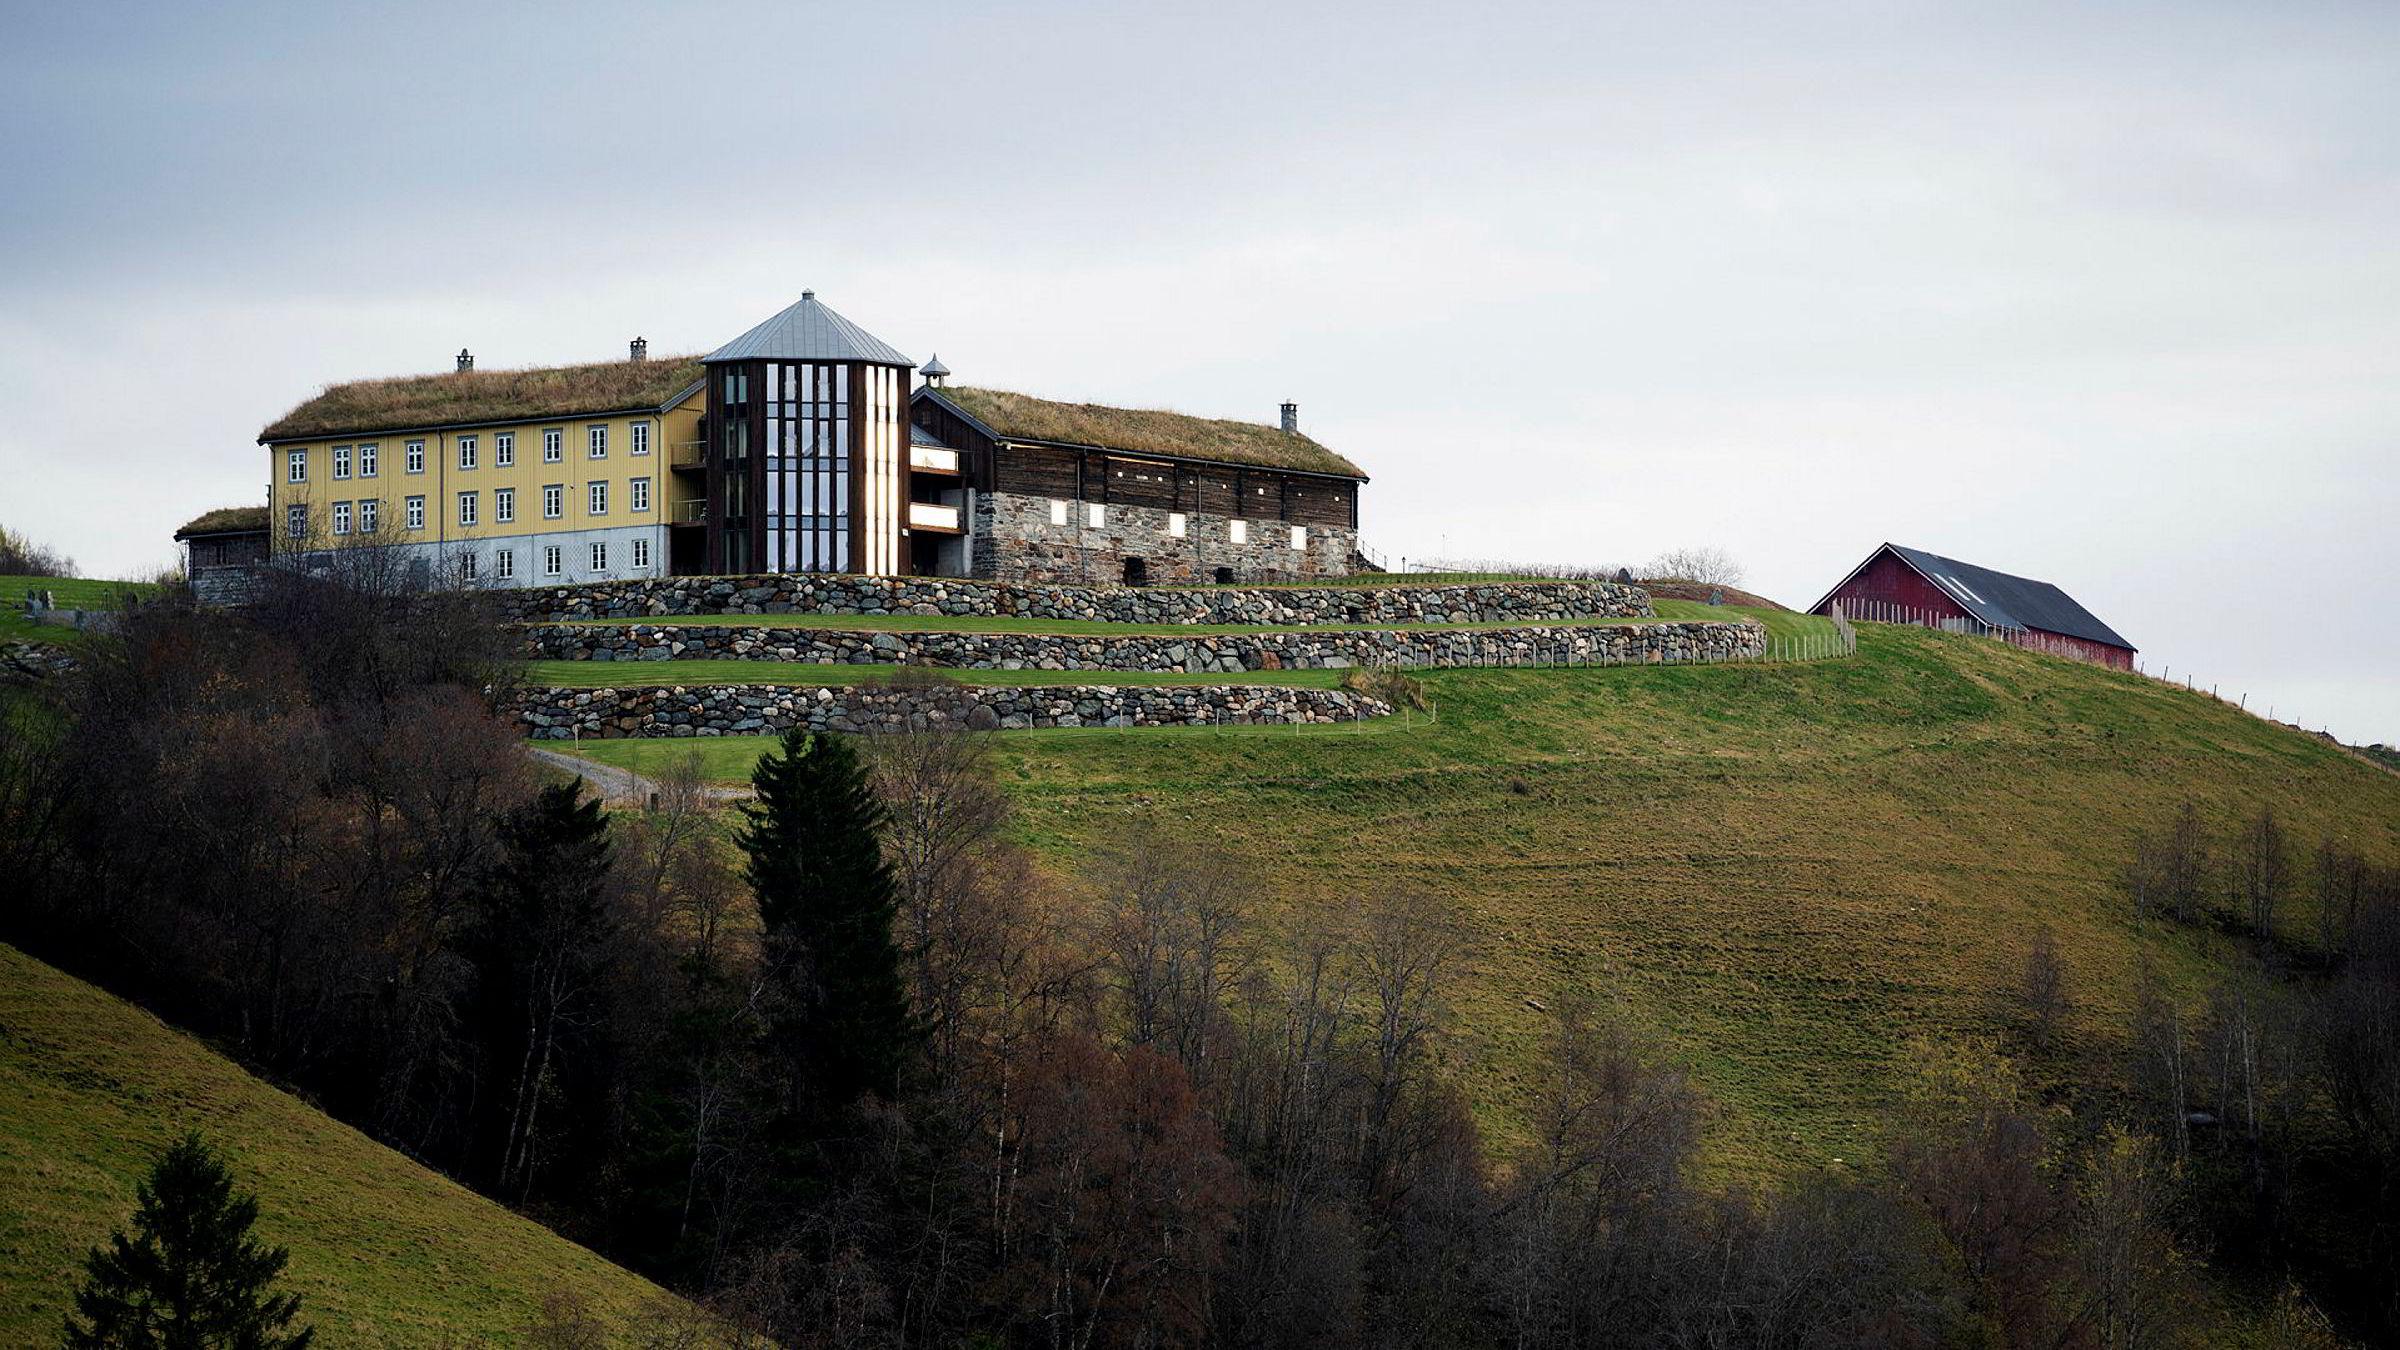 Farsgården til Odd Reitan sør for Trondheim blir kalt Fløtta og ble solgt til hans eget holdingselskap for 119 millioner kroner. Det er en sjelden pris for en landbrukseiendom.